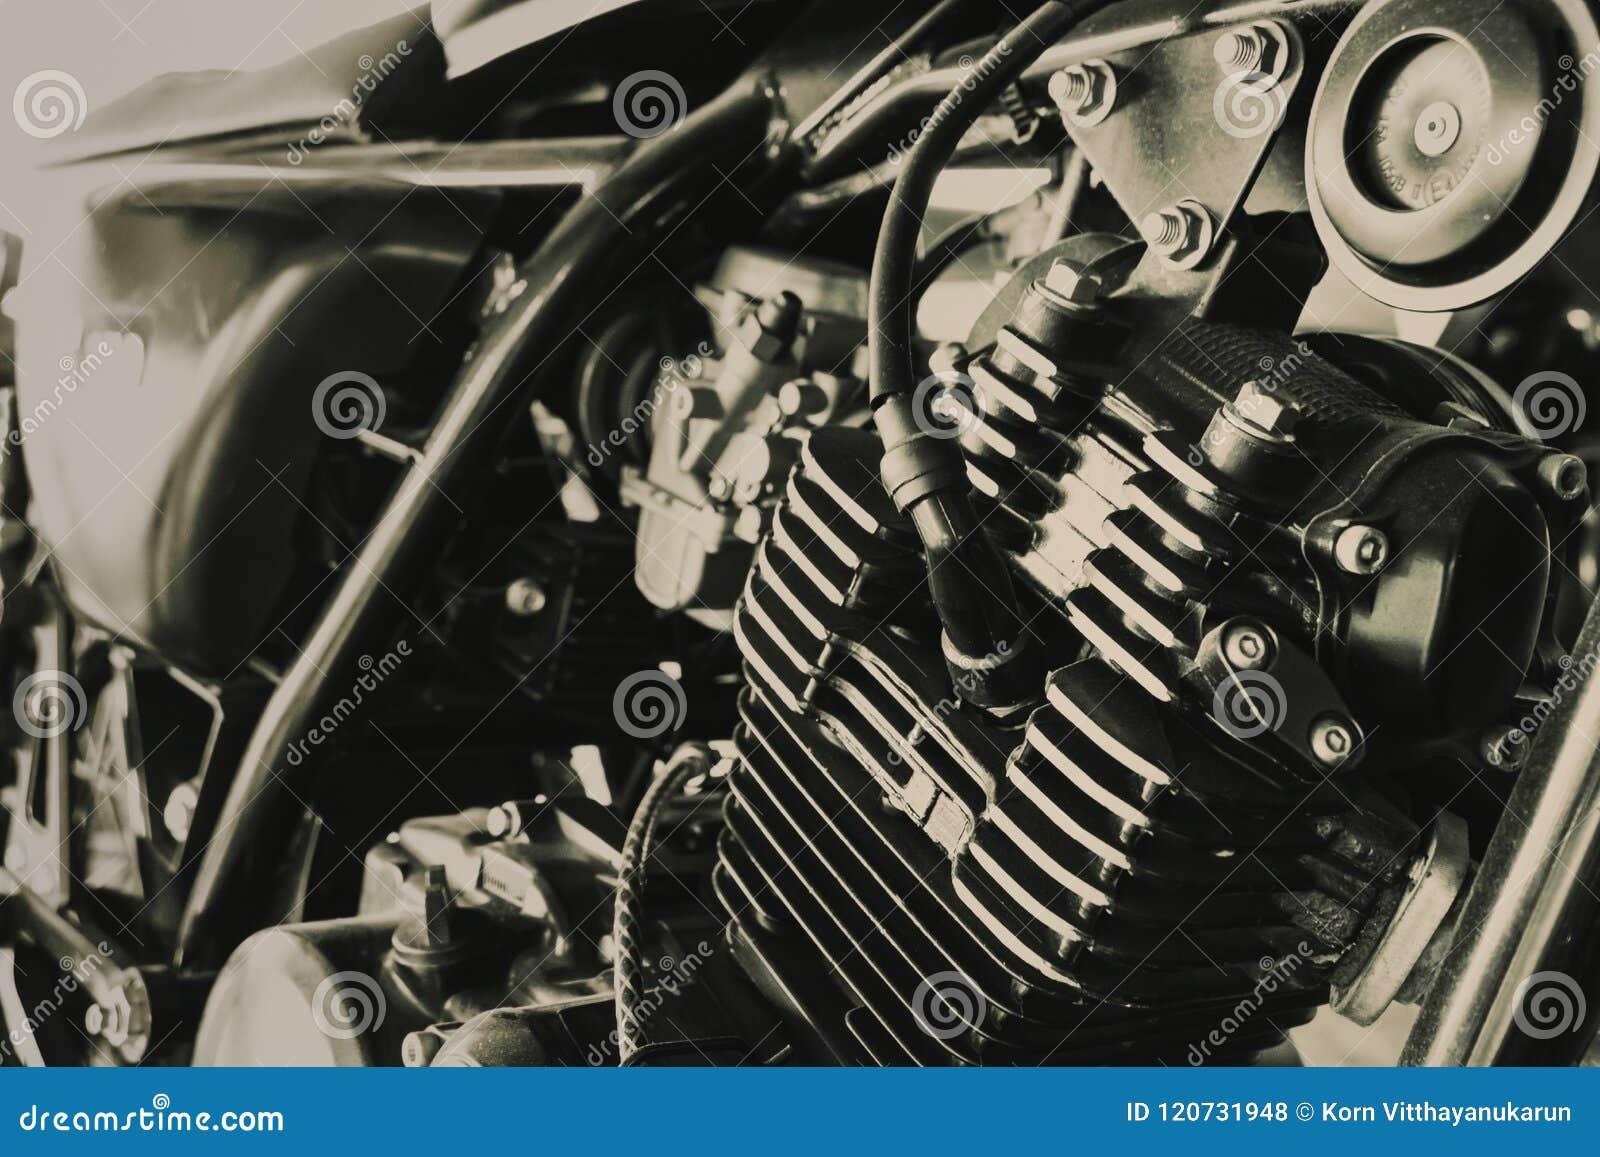 Oude Motocycle-Motor van Bijl bruine uitstekende toon